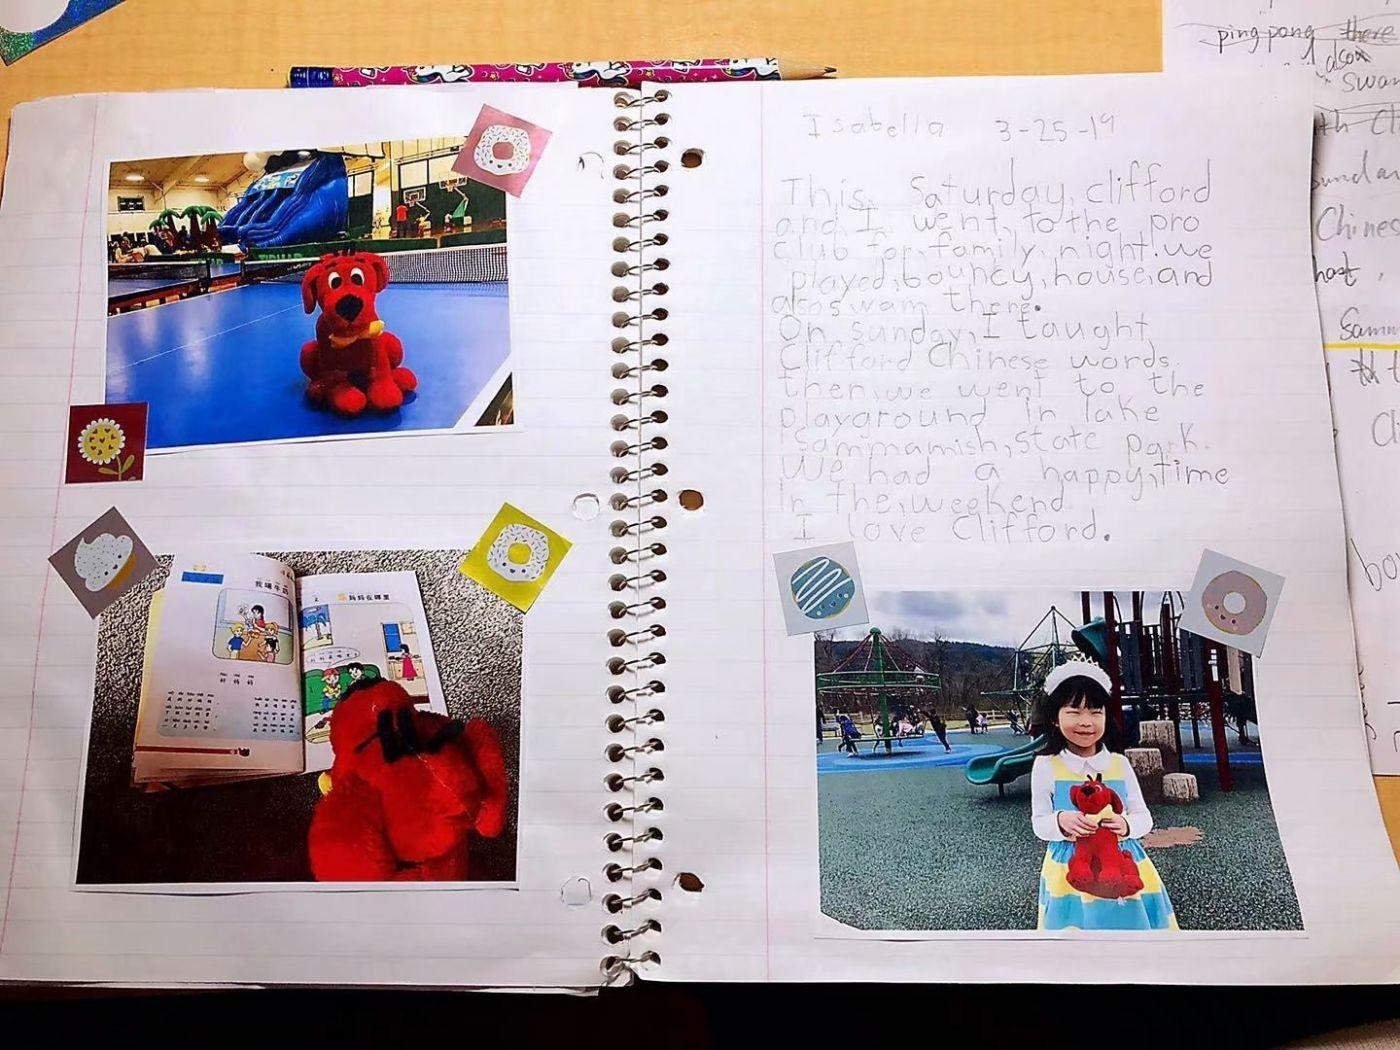 小外孙女的第一篇日记_图1-1